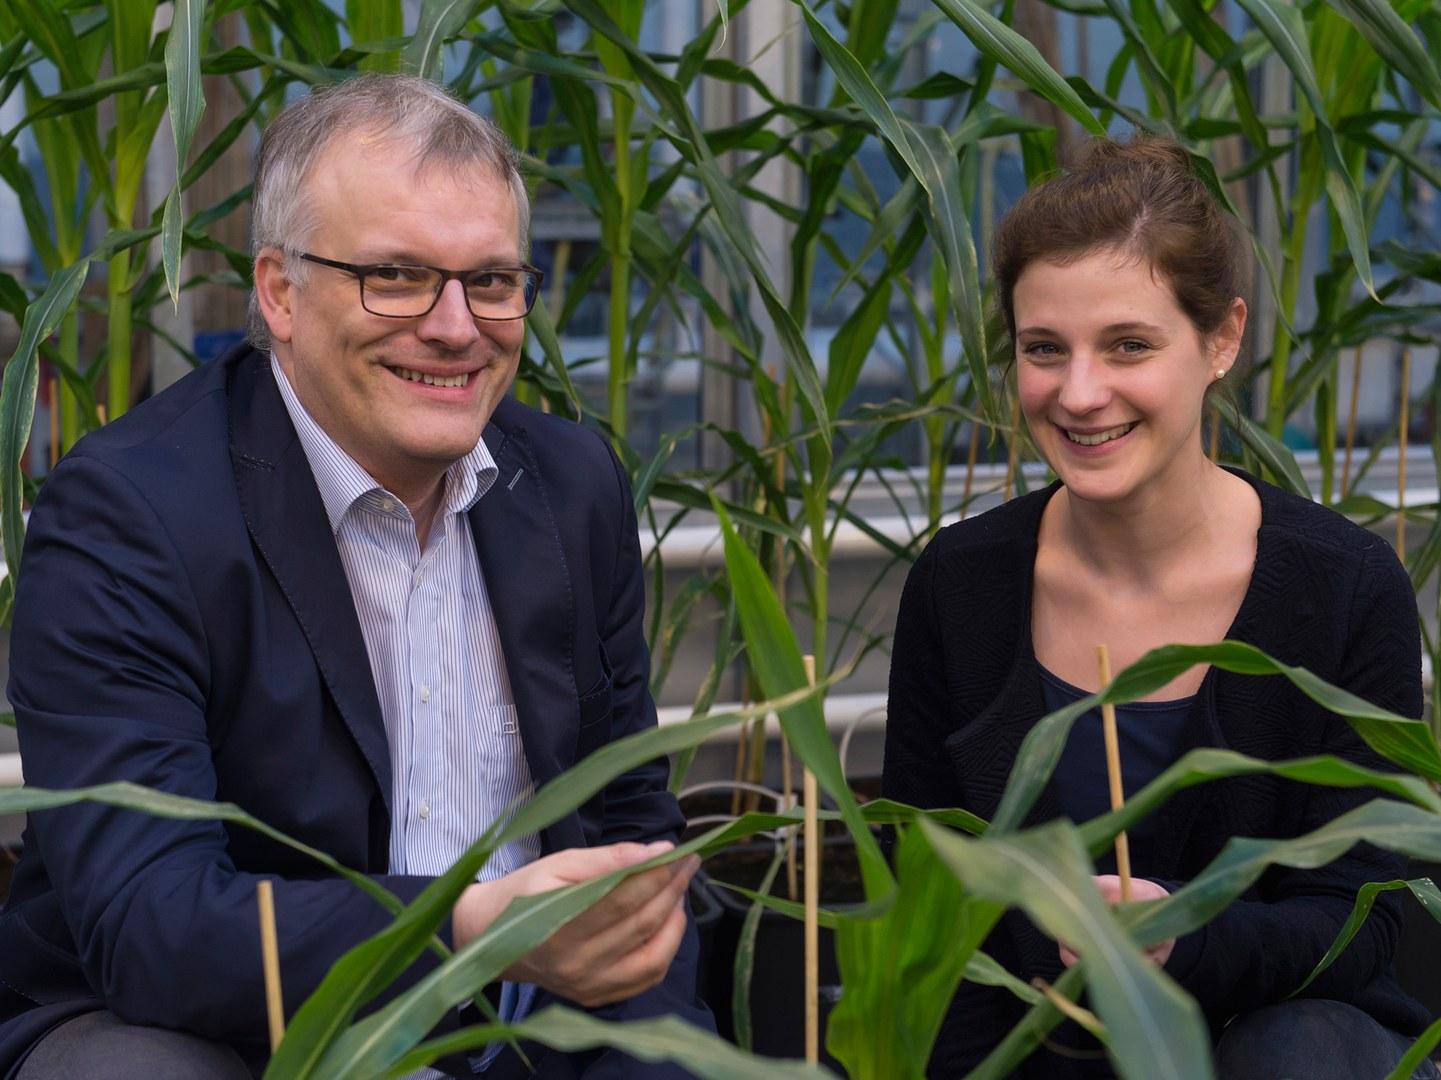 Erforschen die Gene von Maispflanzen: